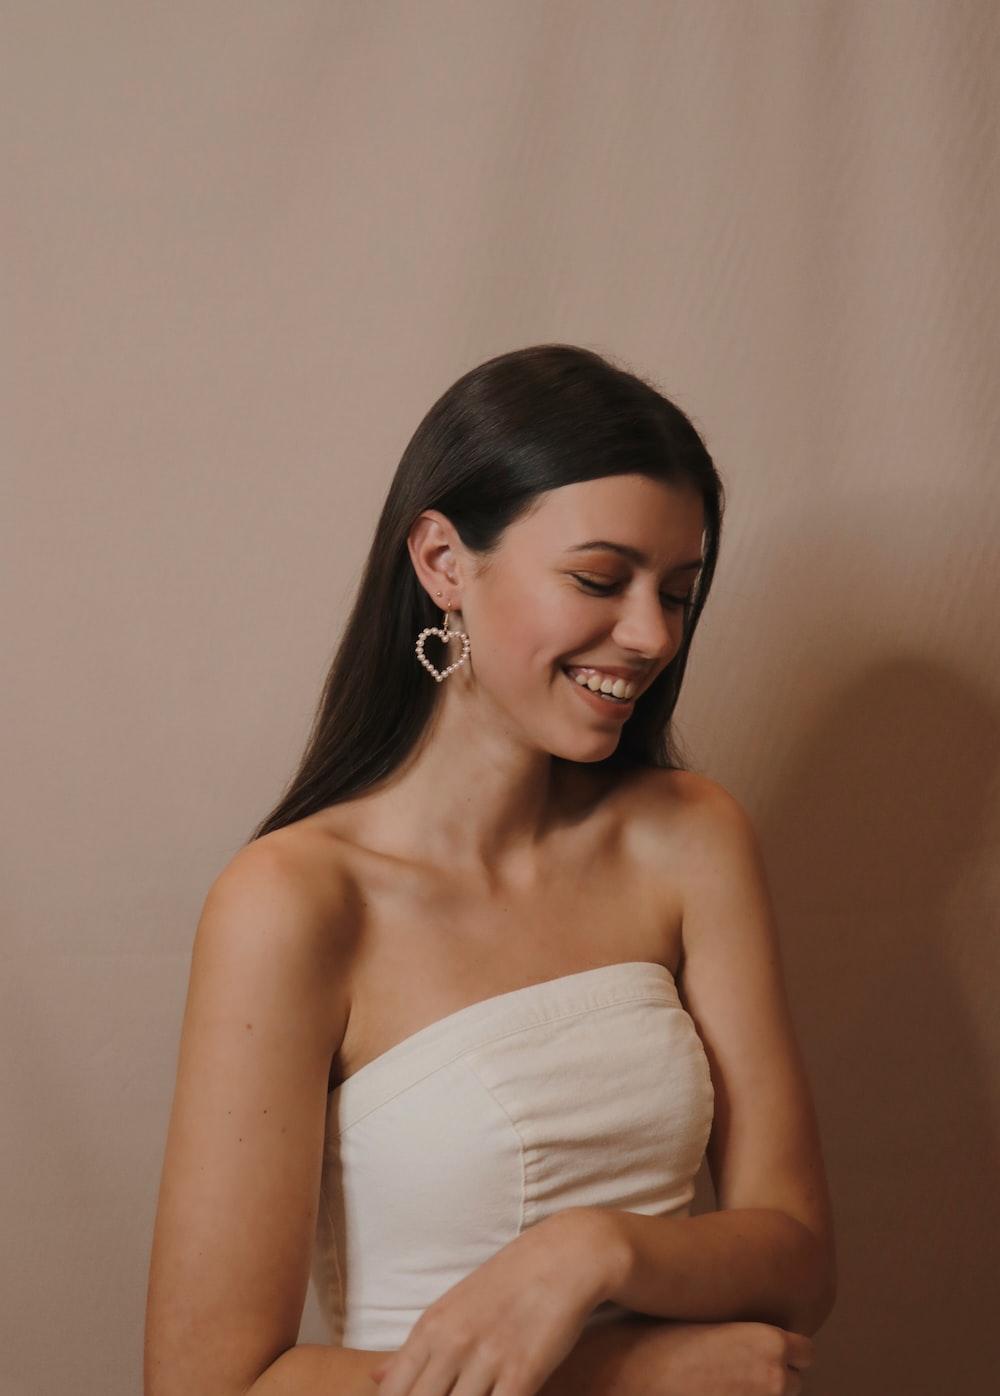 woman in white tube dress wearing silver hoop earrings